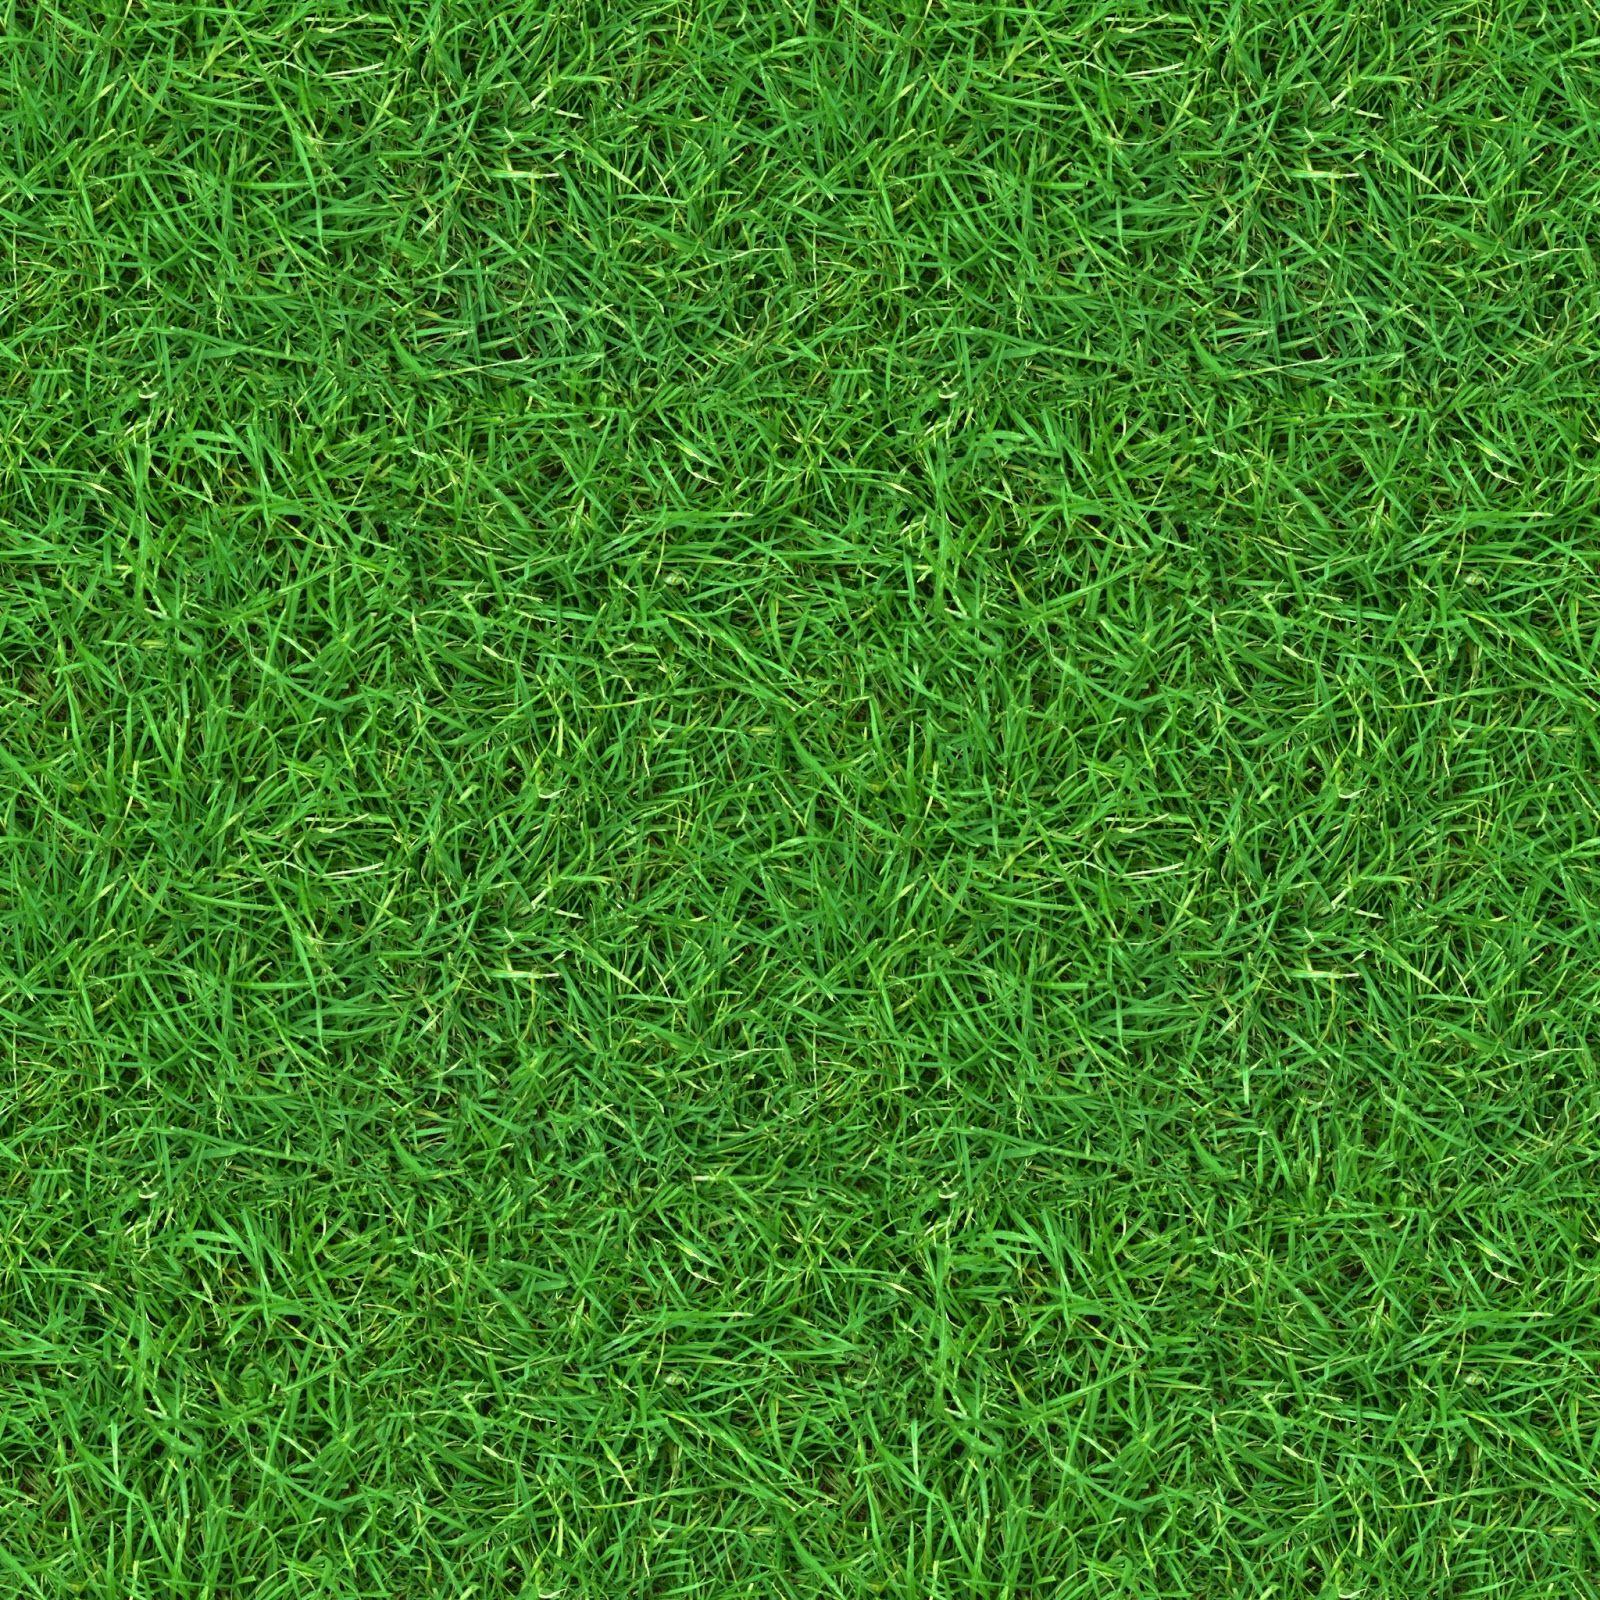 Grass 2 seamless turf lawn green ground field texture for Garden grass